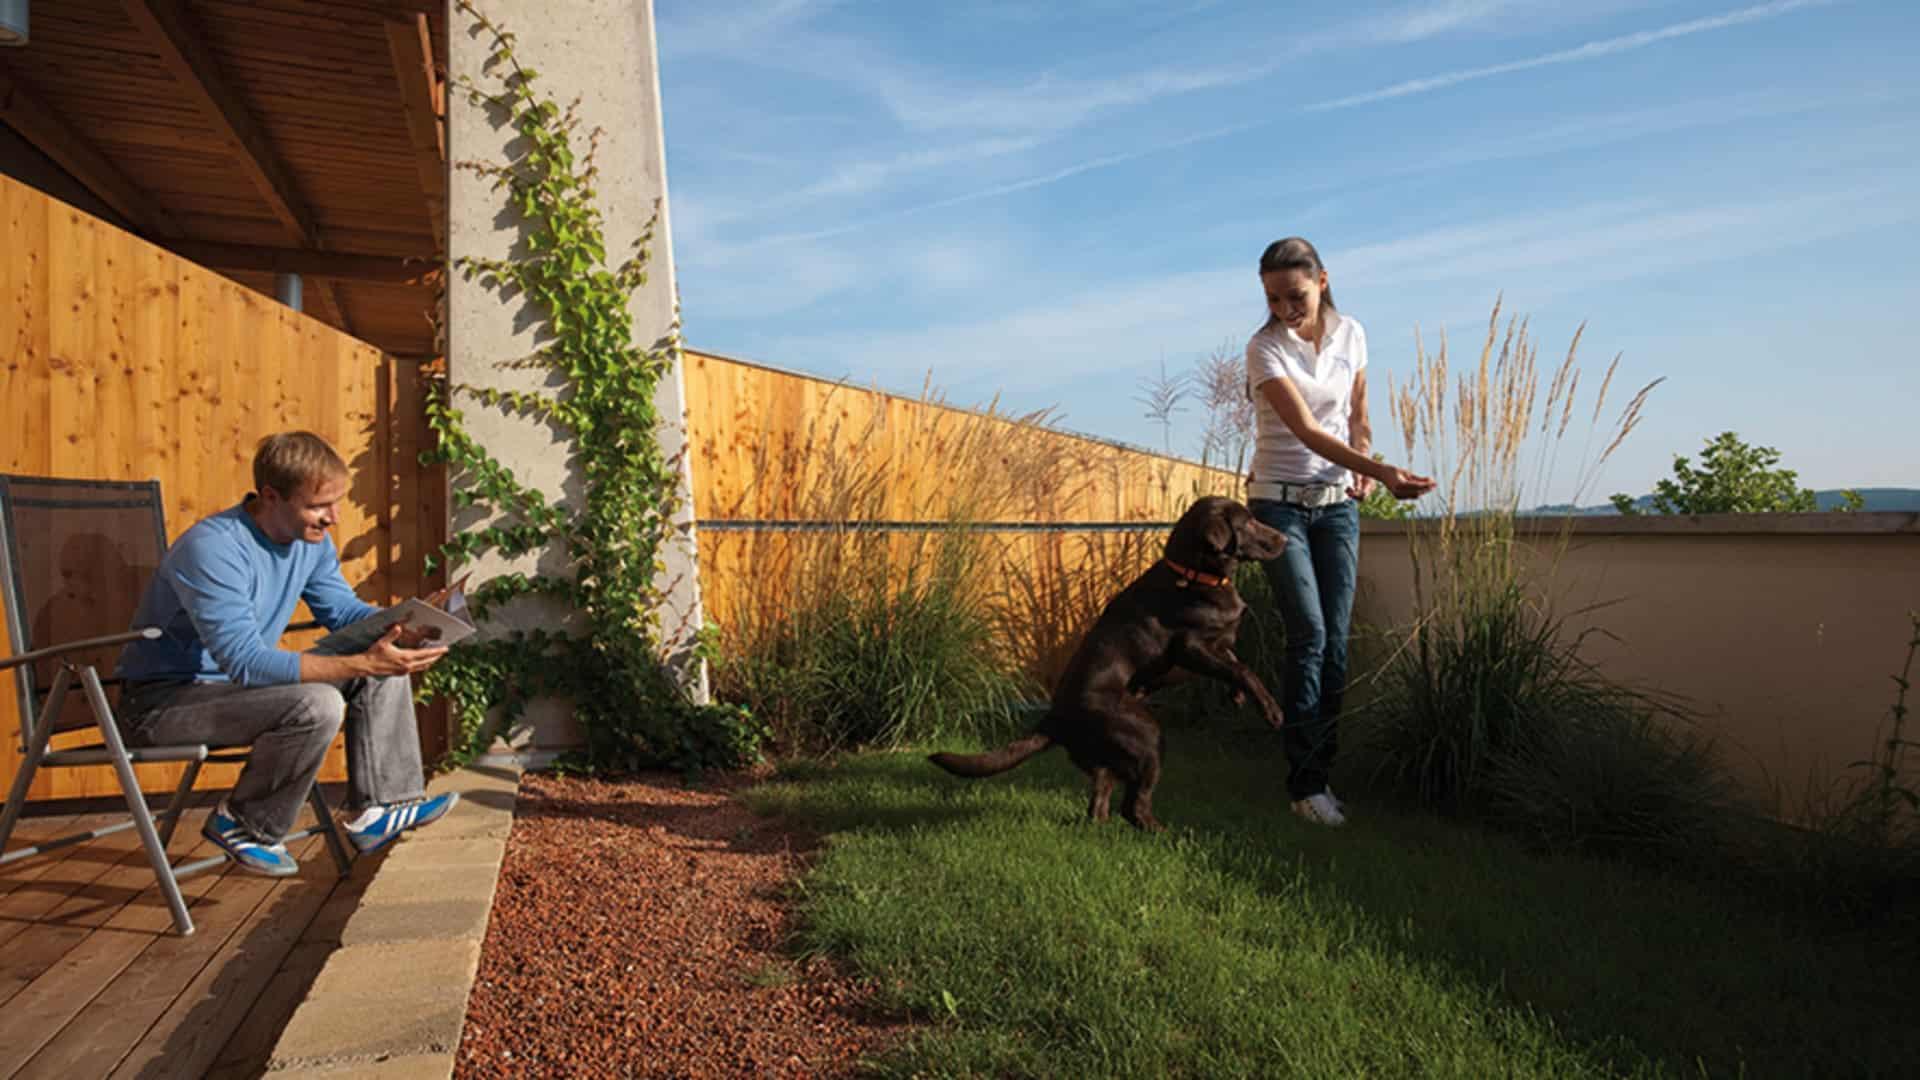 Urlaub mit Hund im Zimmer mit Garten